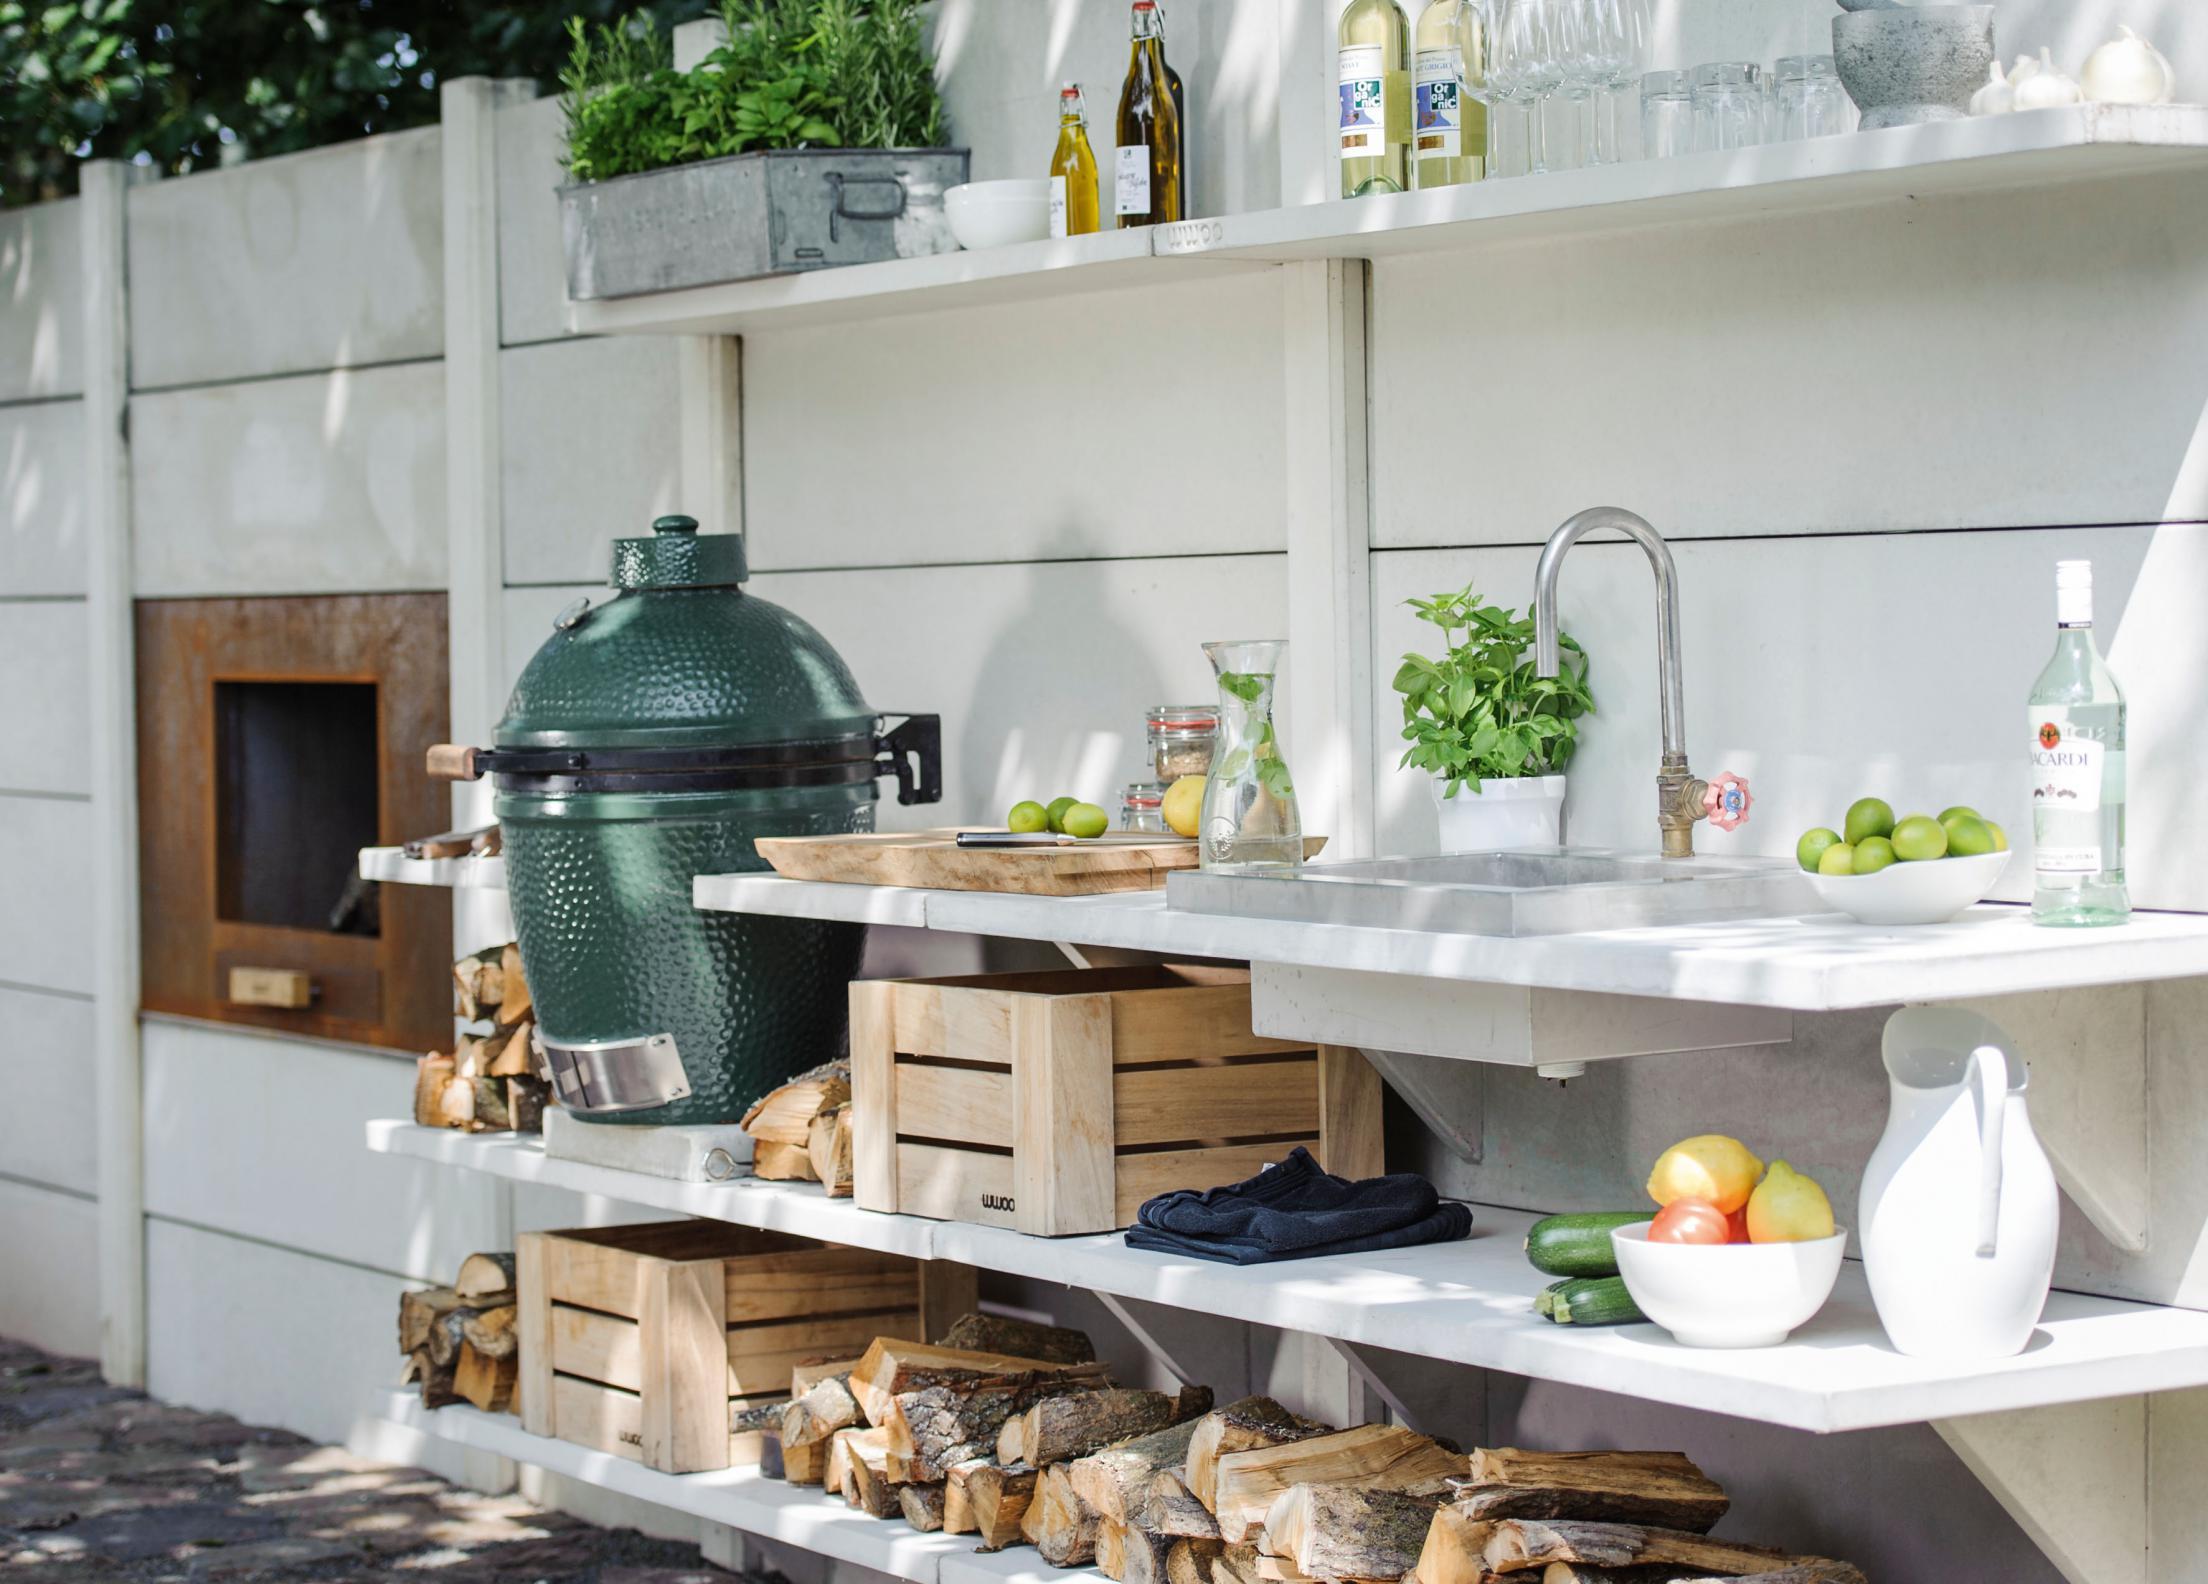 Outdoor Küche Wwoo : Modular outdoor küche küche ikea willhaben polizeieinsatz wegen